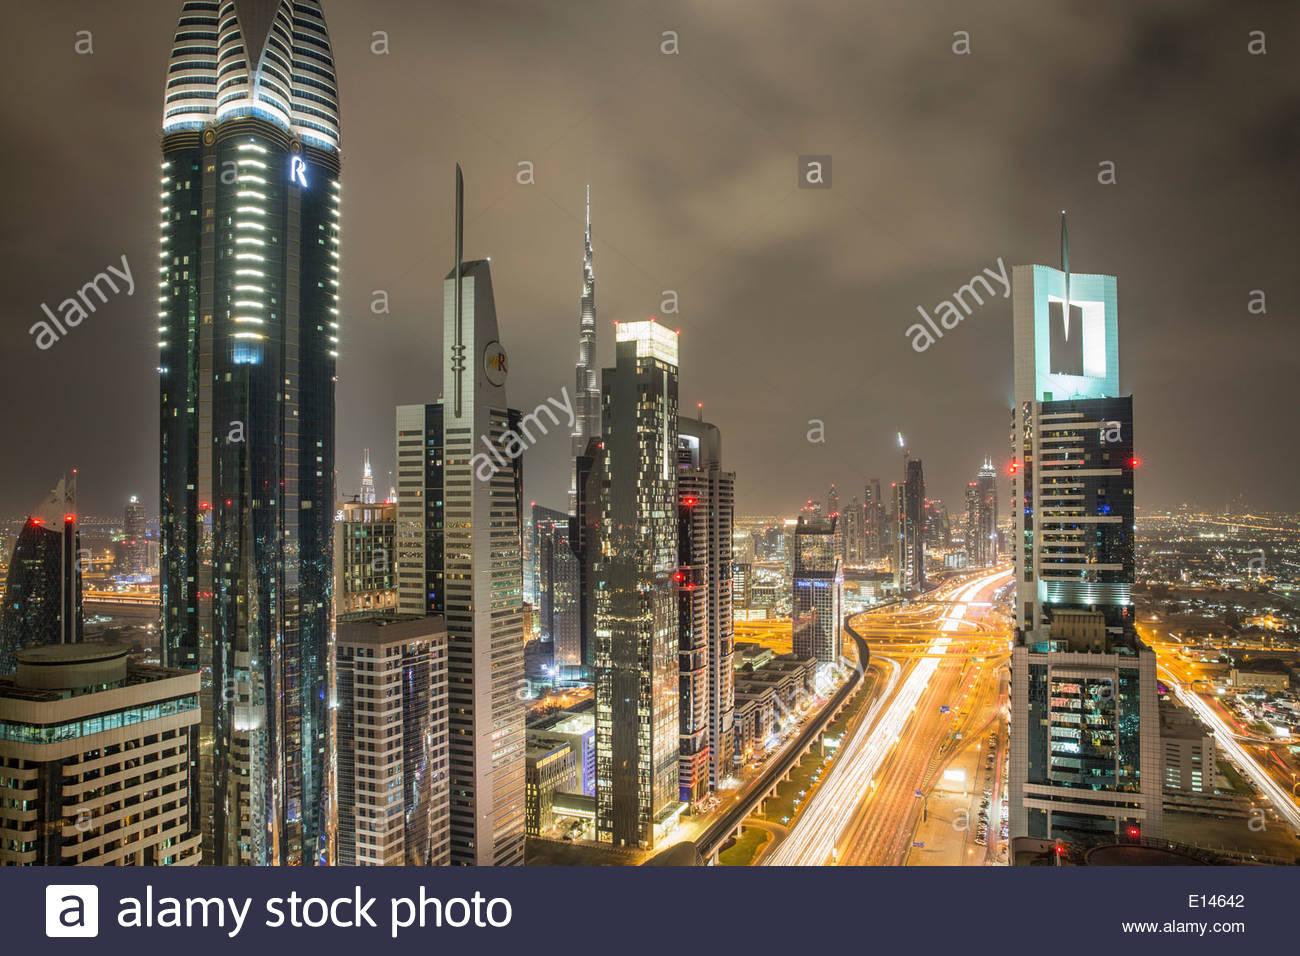 Emirats Arabes Unis, Dubaï, Sheikh Zayed Road traverse le centre-ville financière avec Burj Khalifa, nuit Photo Stock